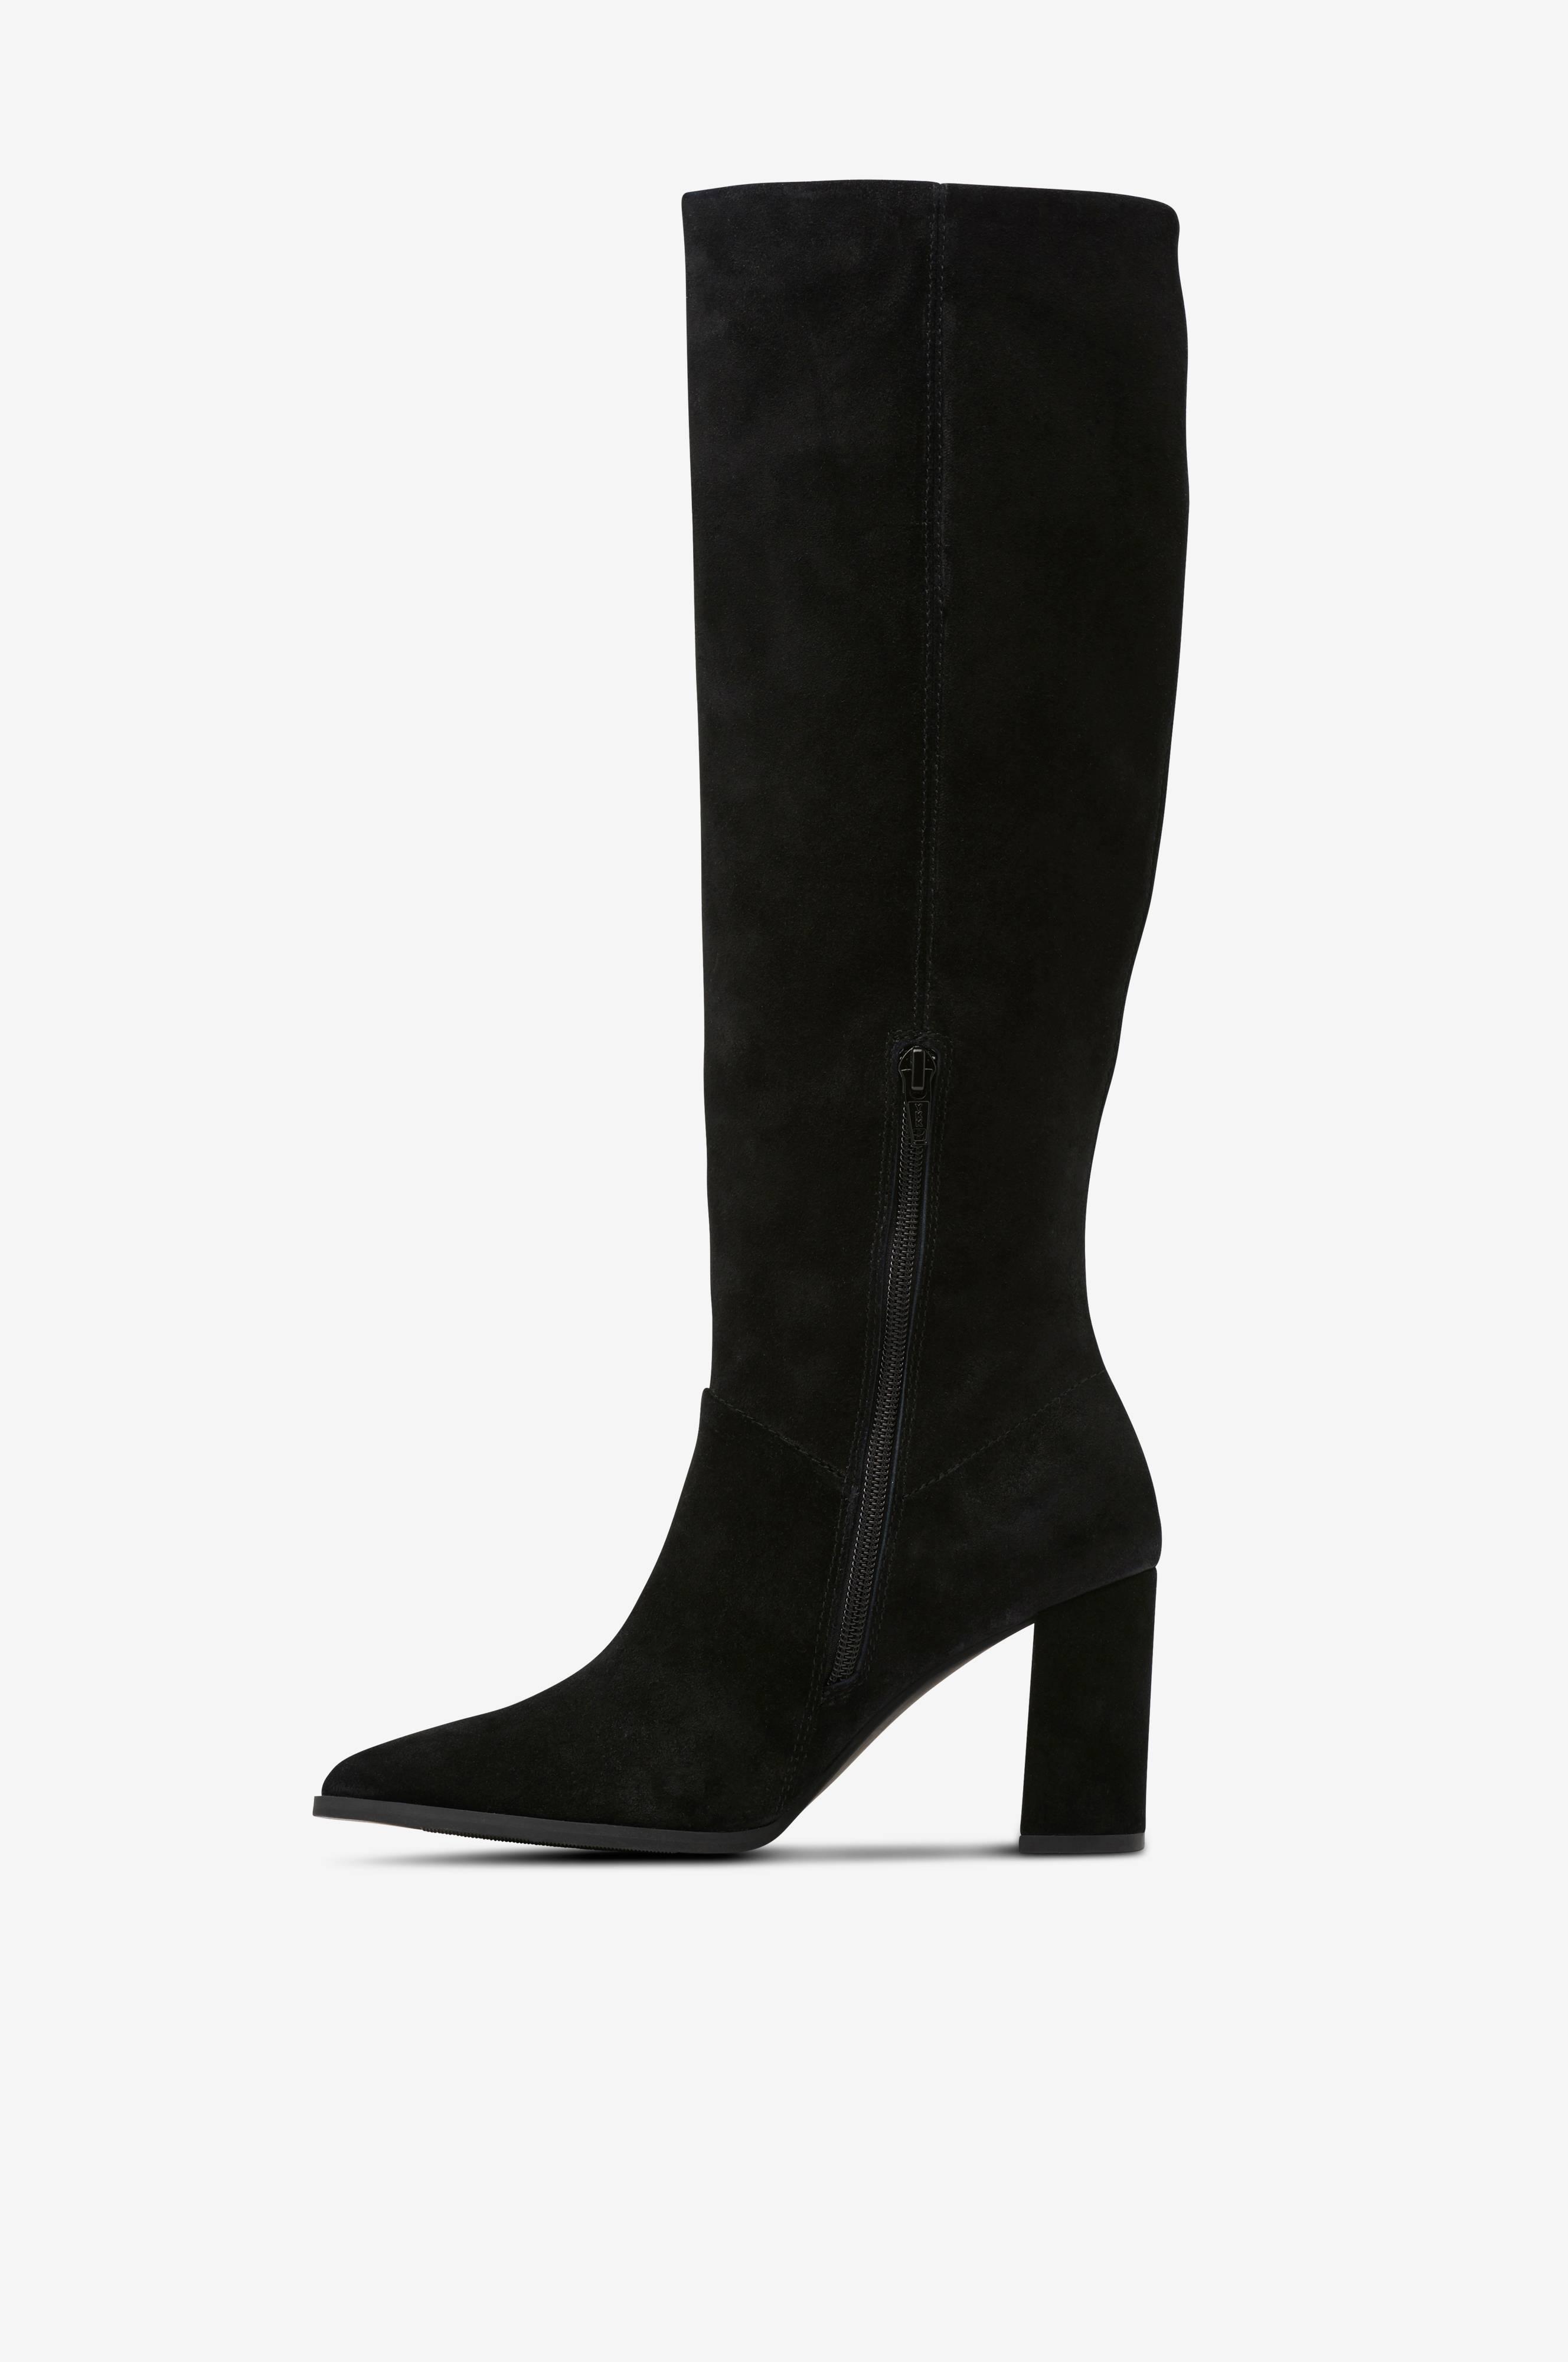 Støvle High Boots Suede